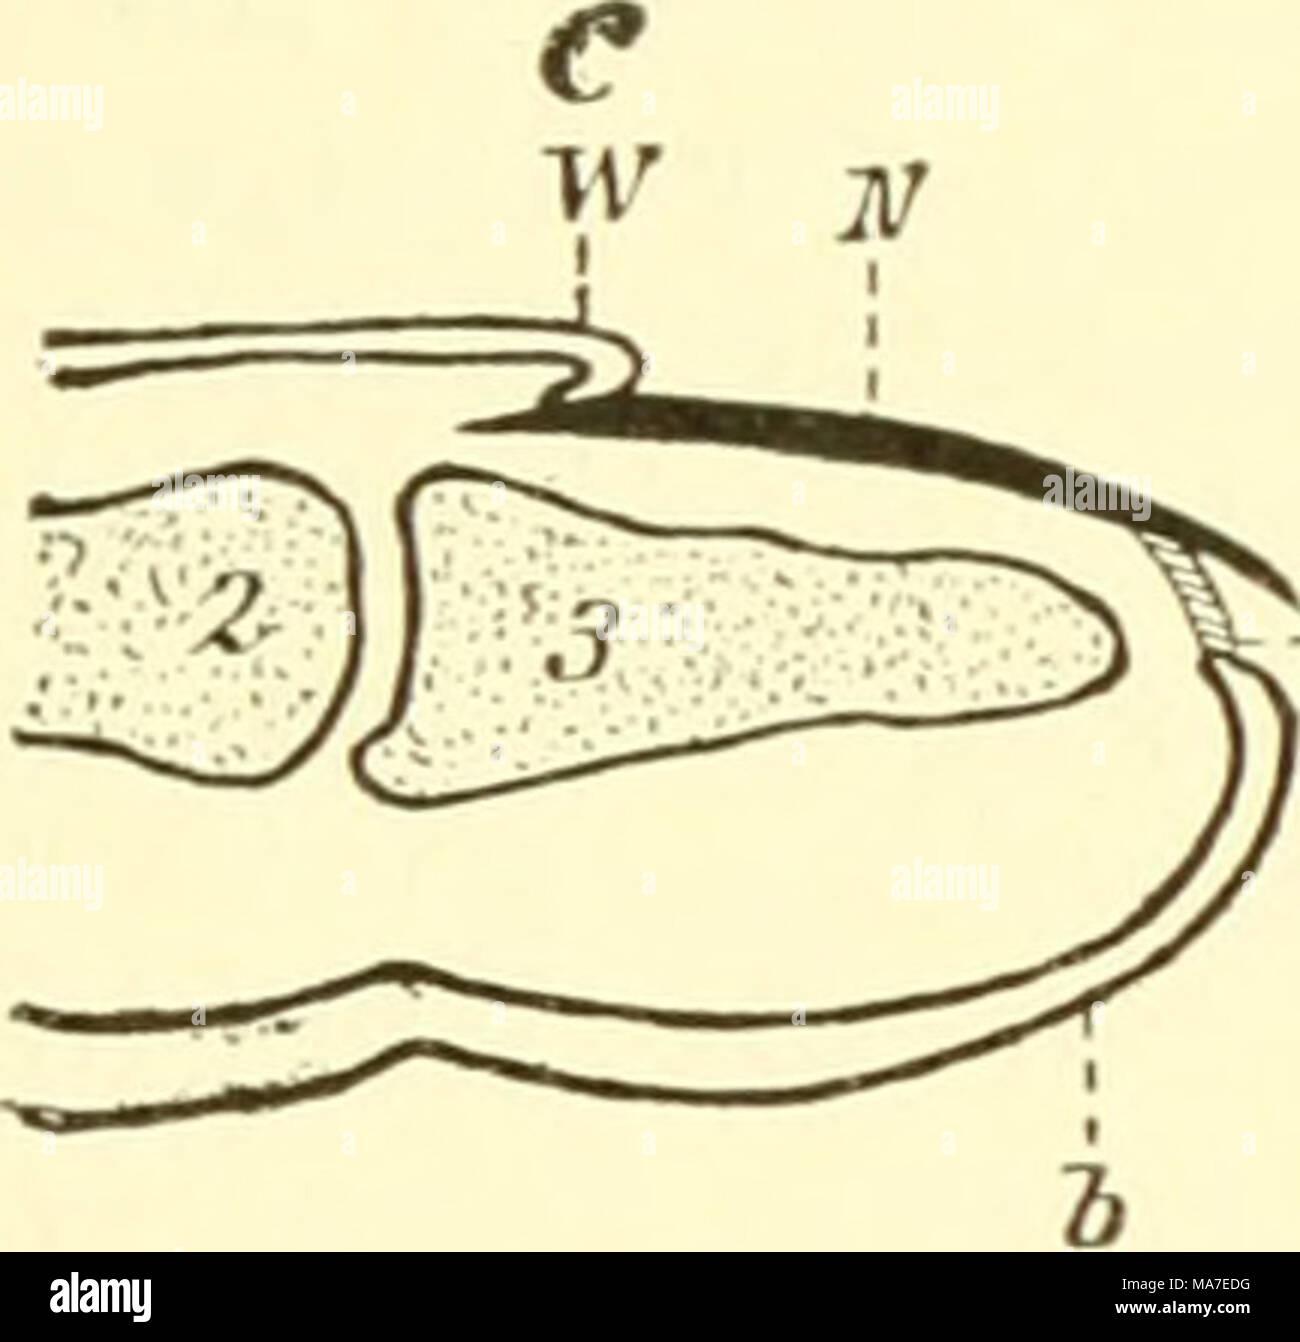 Wunderbar Wirbeltiere Vergleichende Anatomie Funktion Evolution ...